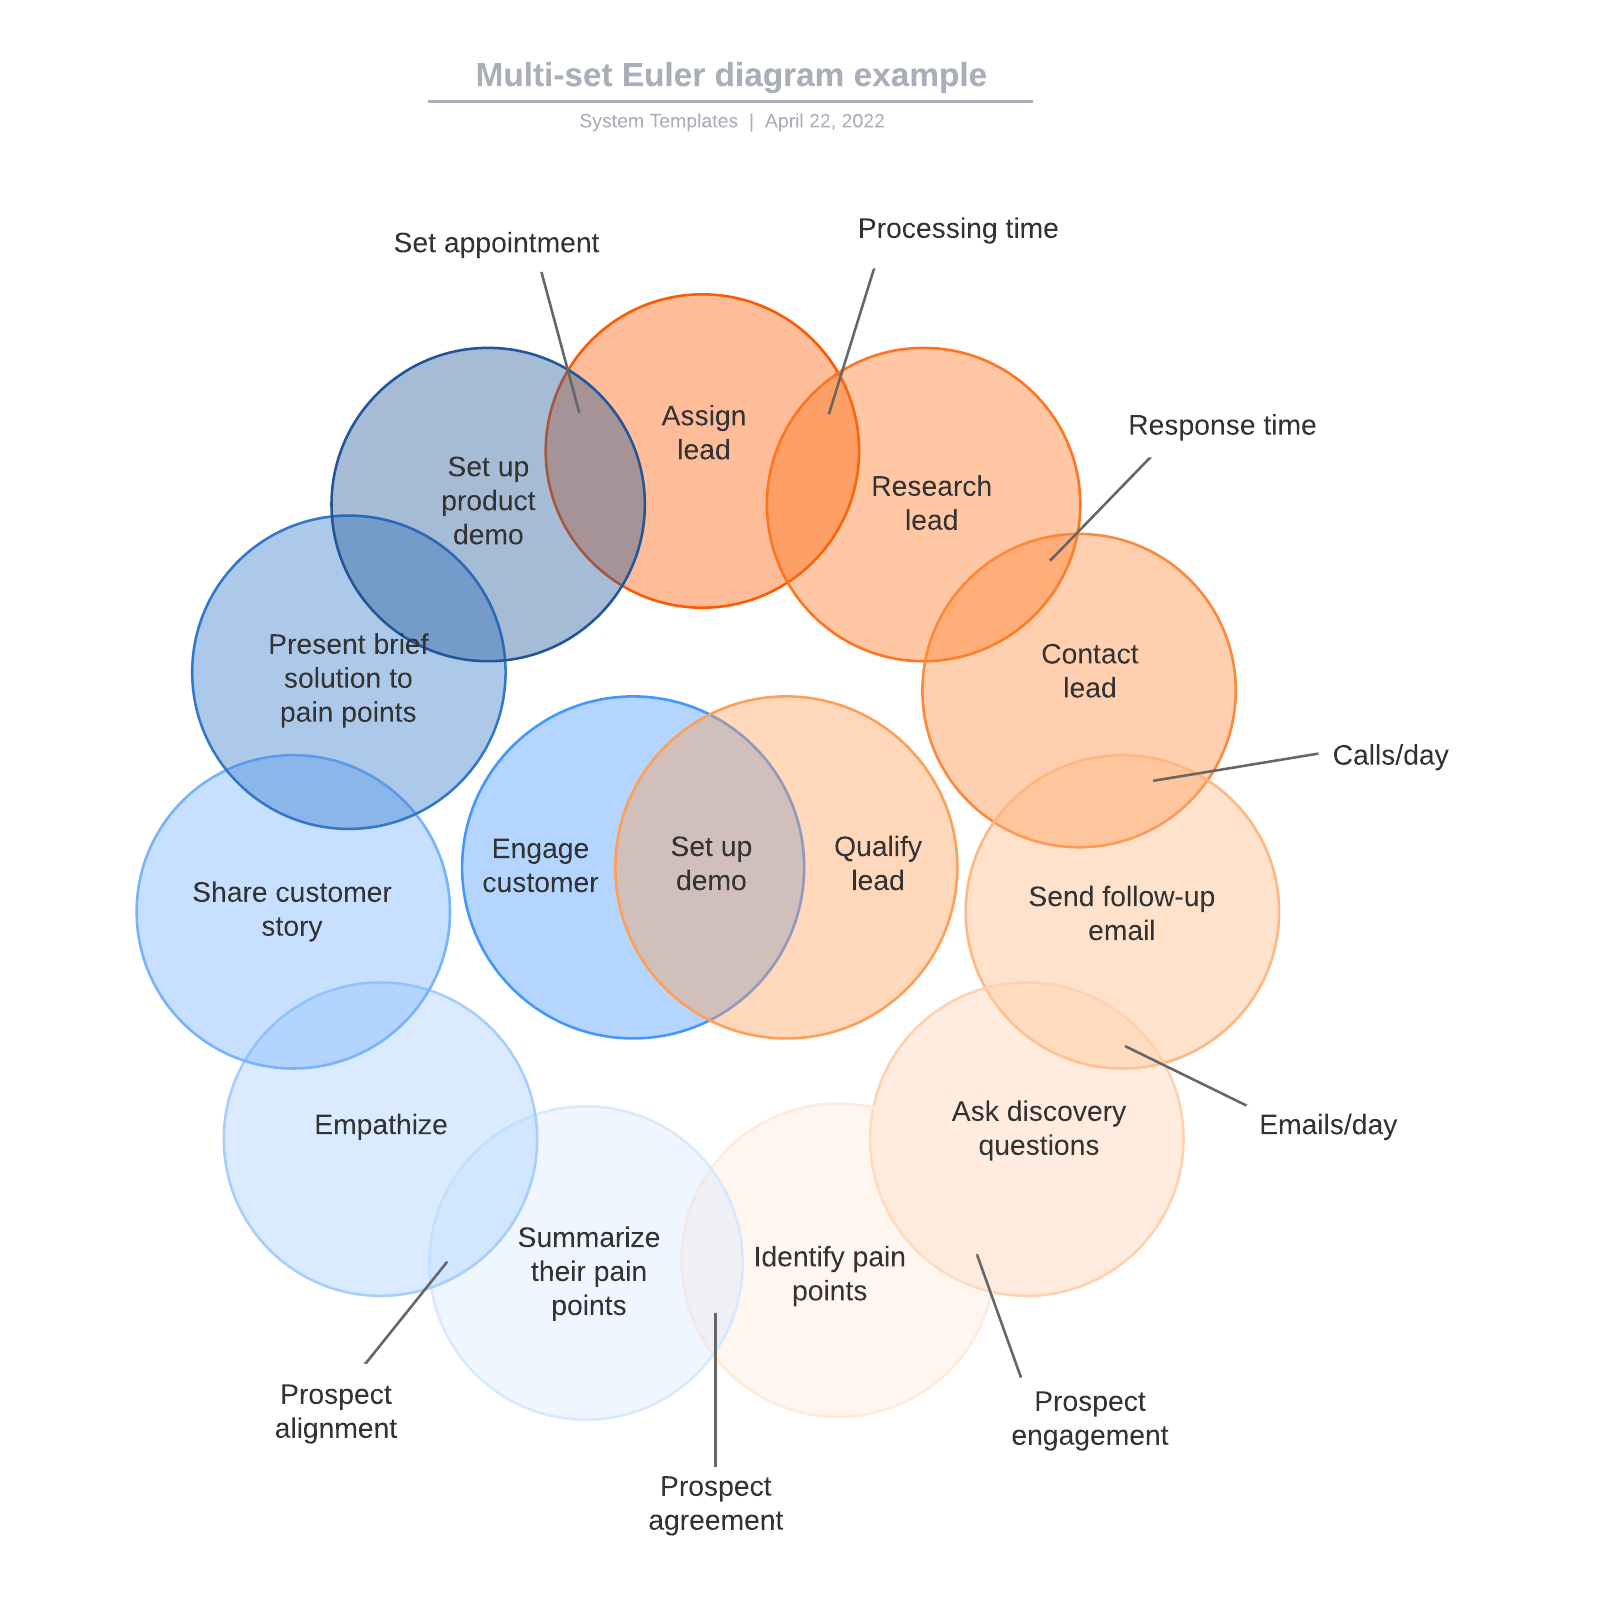 Multi-set Euler diagram example